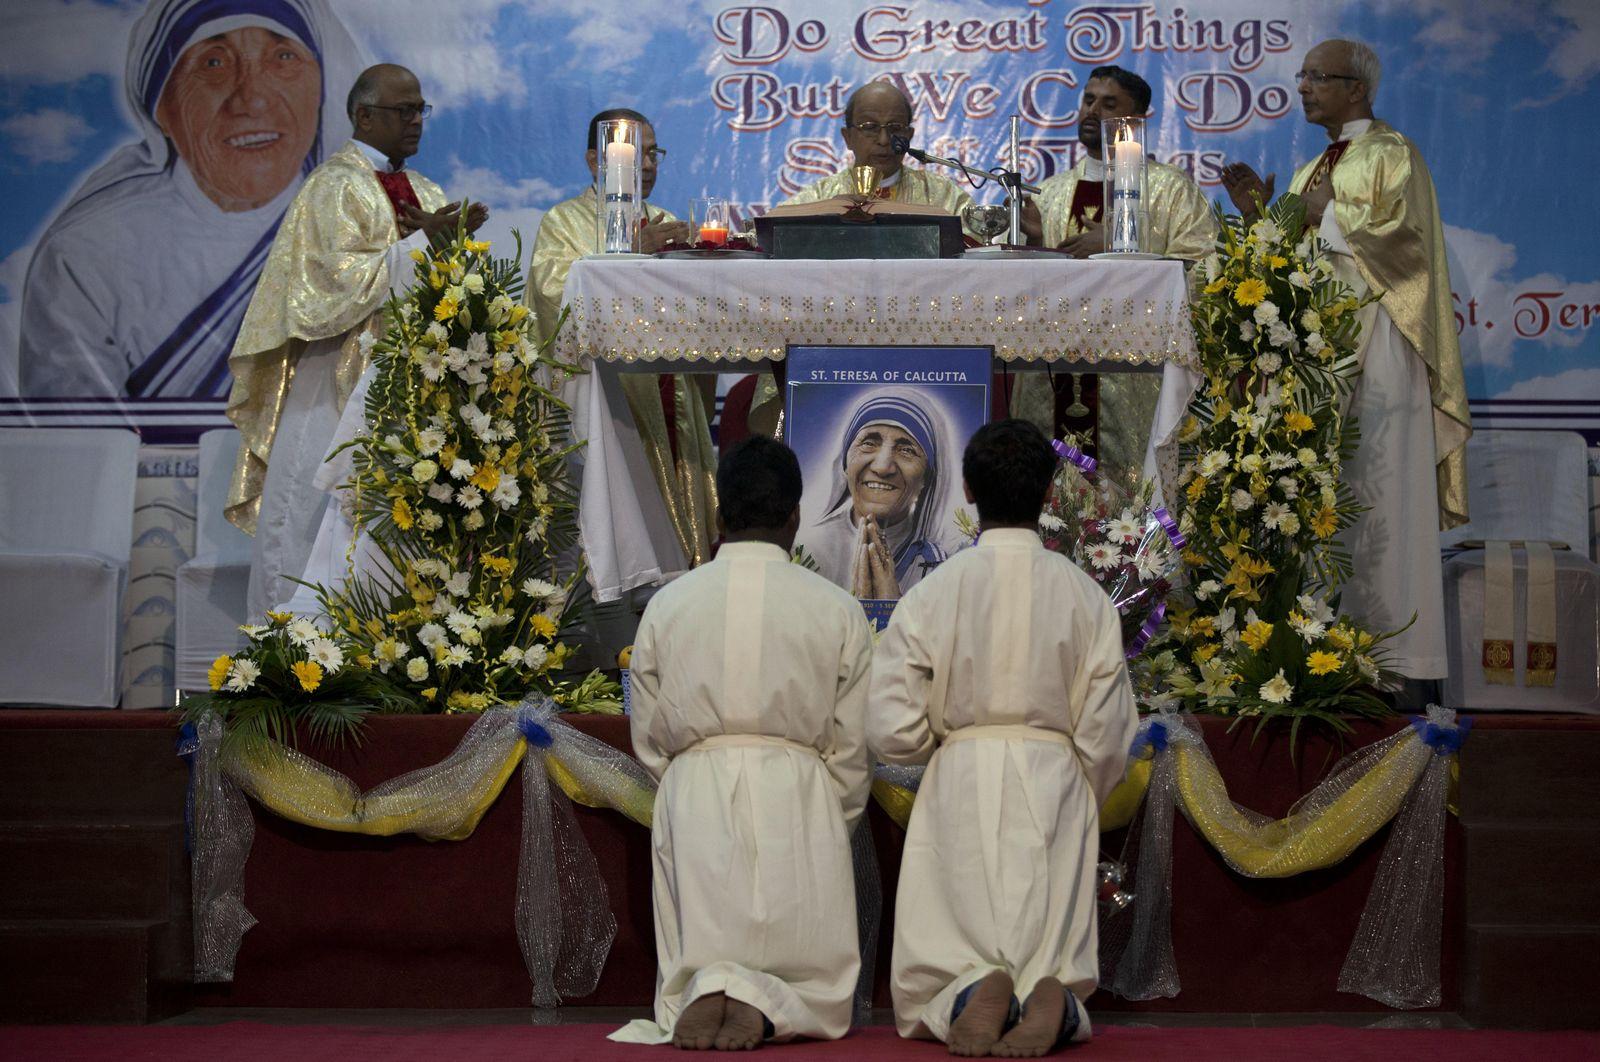 Los Urgentes Mensajes de Jesús y María que Recibió la Madre Teresa de Calcuta